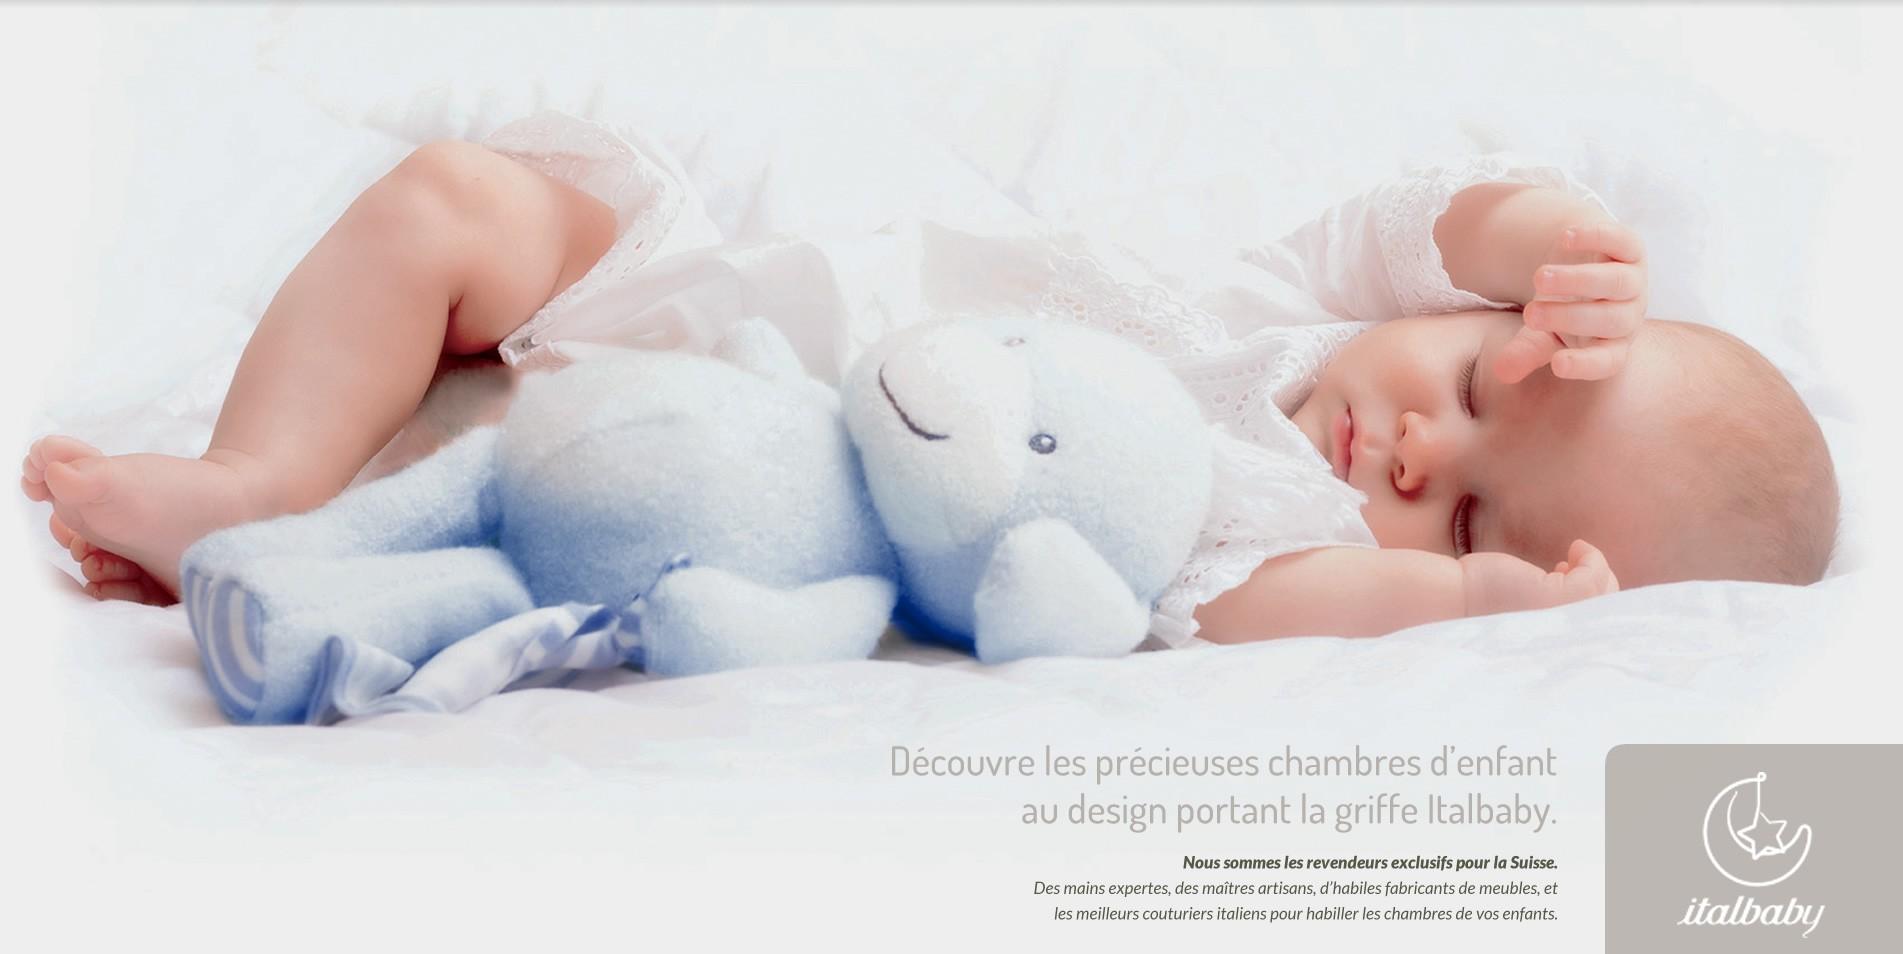 Découvre les précieuses chambres d'enfant au design portant la griffe Italbaby.